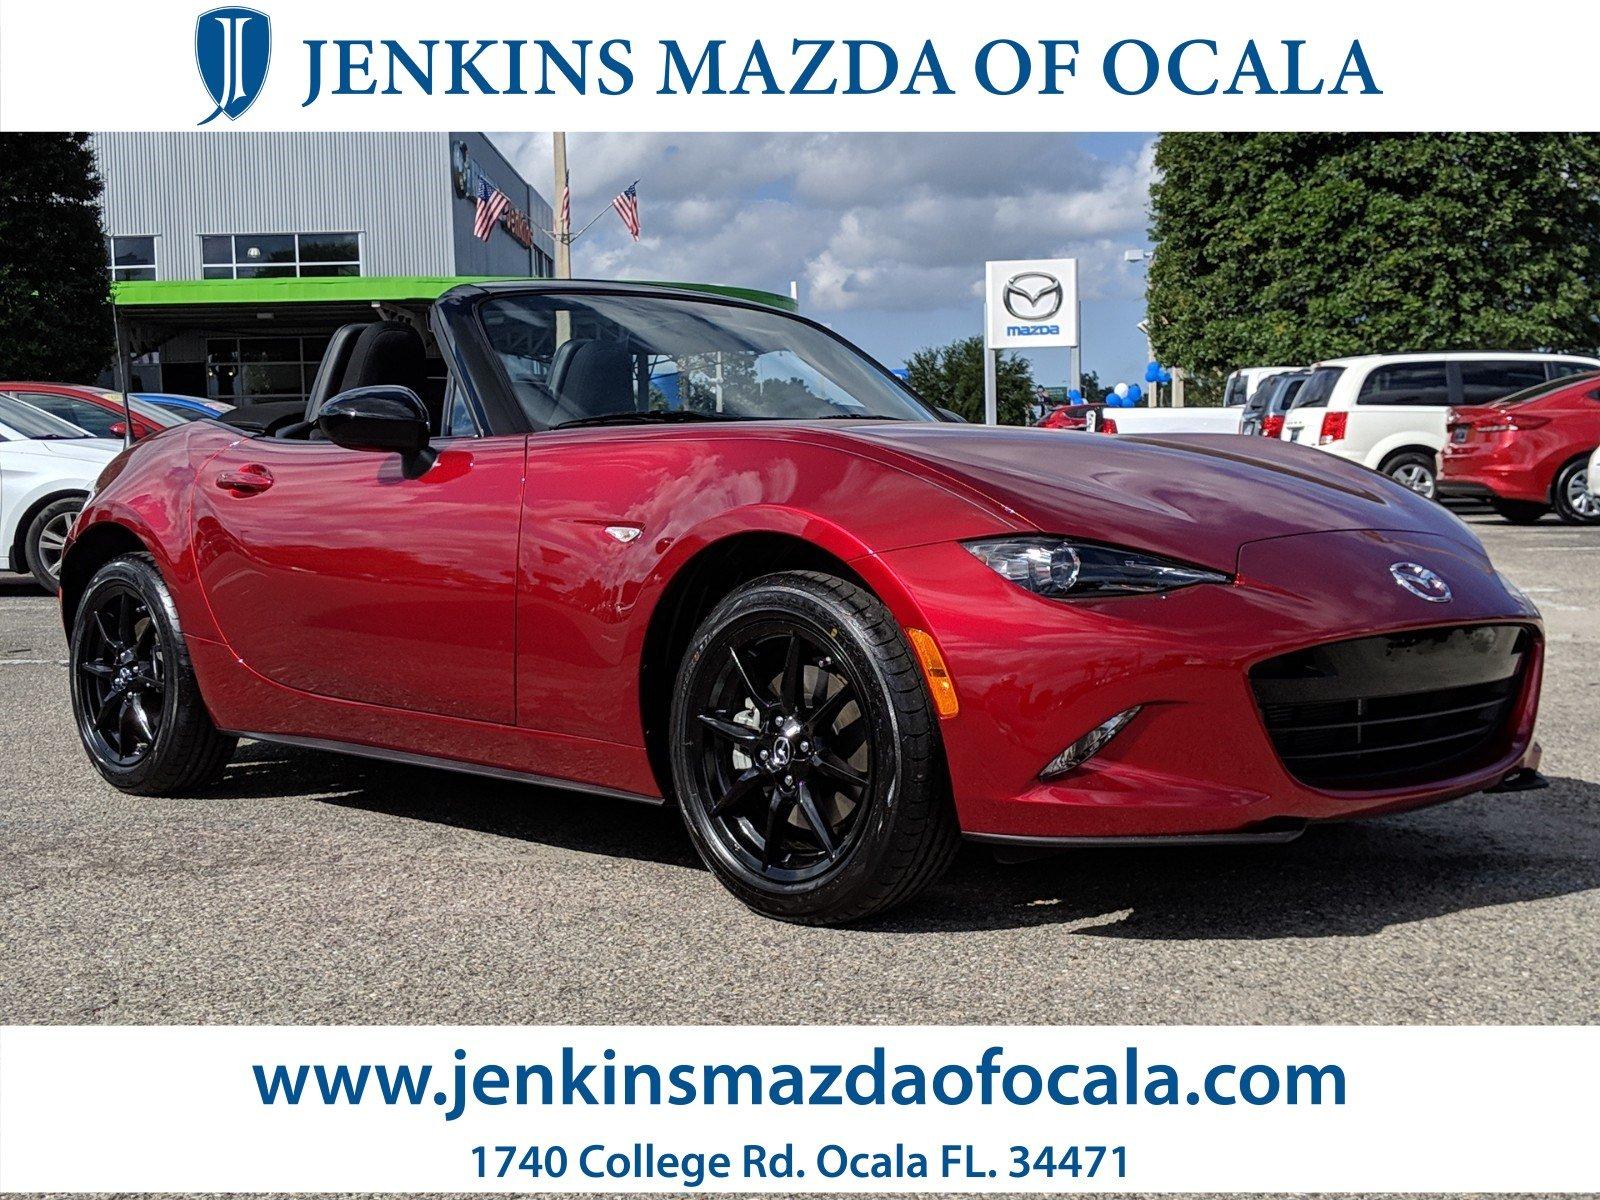 2019 Mazda Mazda Mx 5 Miata For Sale In Ocala Fl Jenkins Mazda